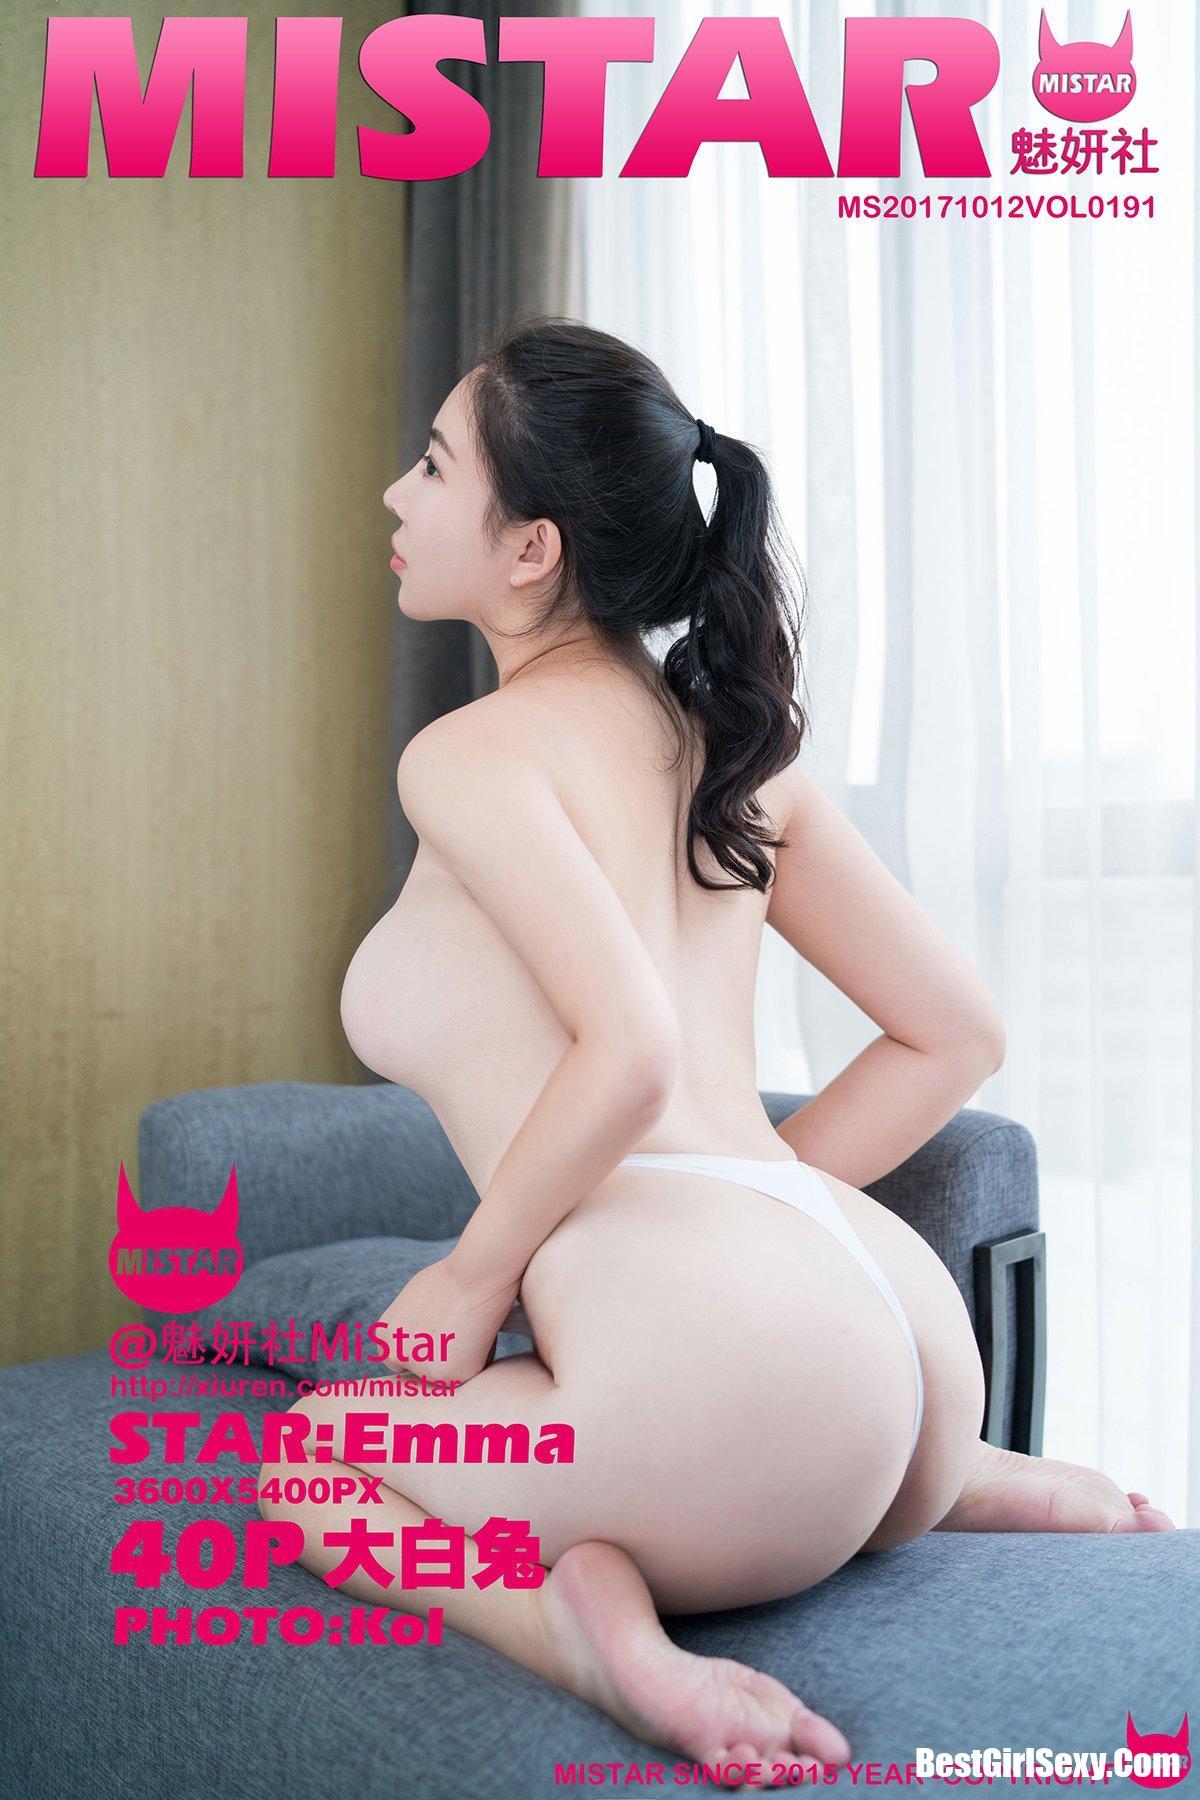 MiStar魅妍社 Vol.191 Da Bai Tu Emma 1